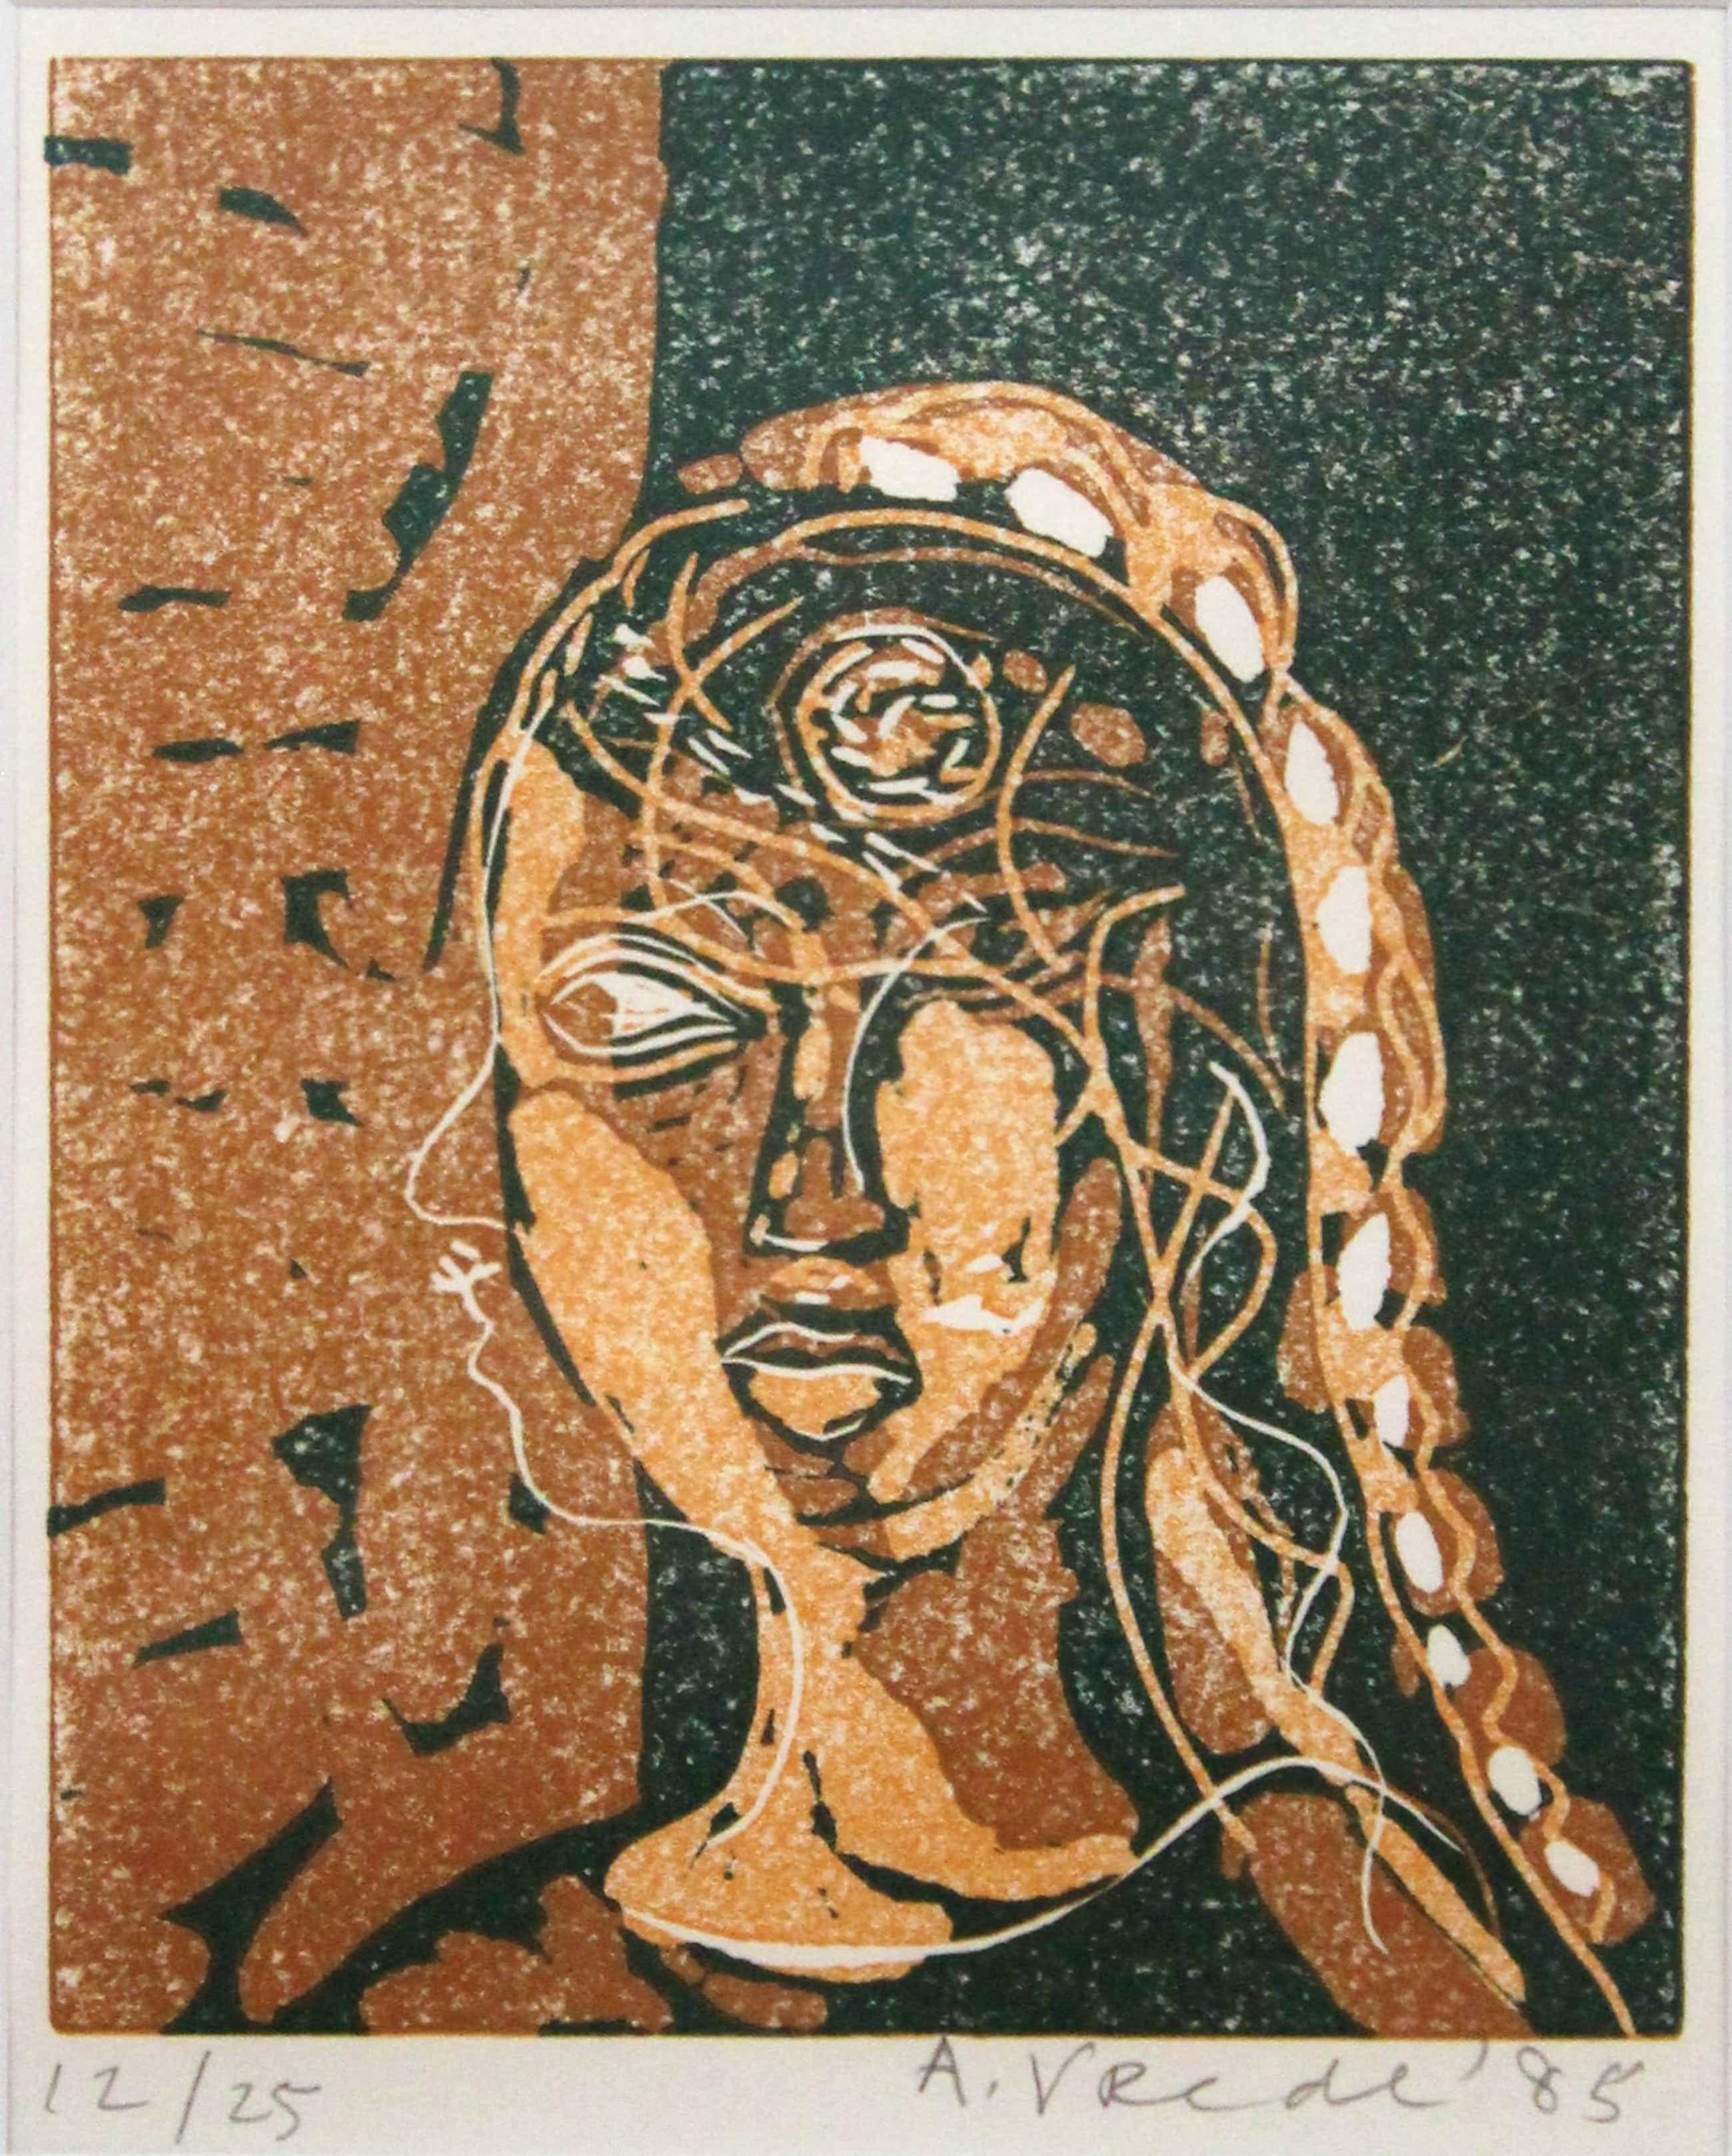 Anton Vrede - linosnede - vrouwenportret kopen? Bied vanaf 99!